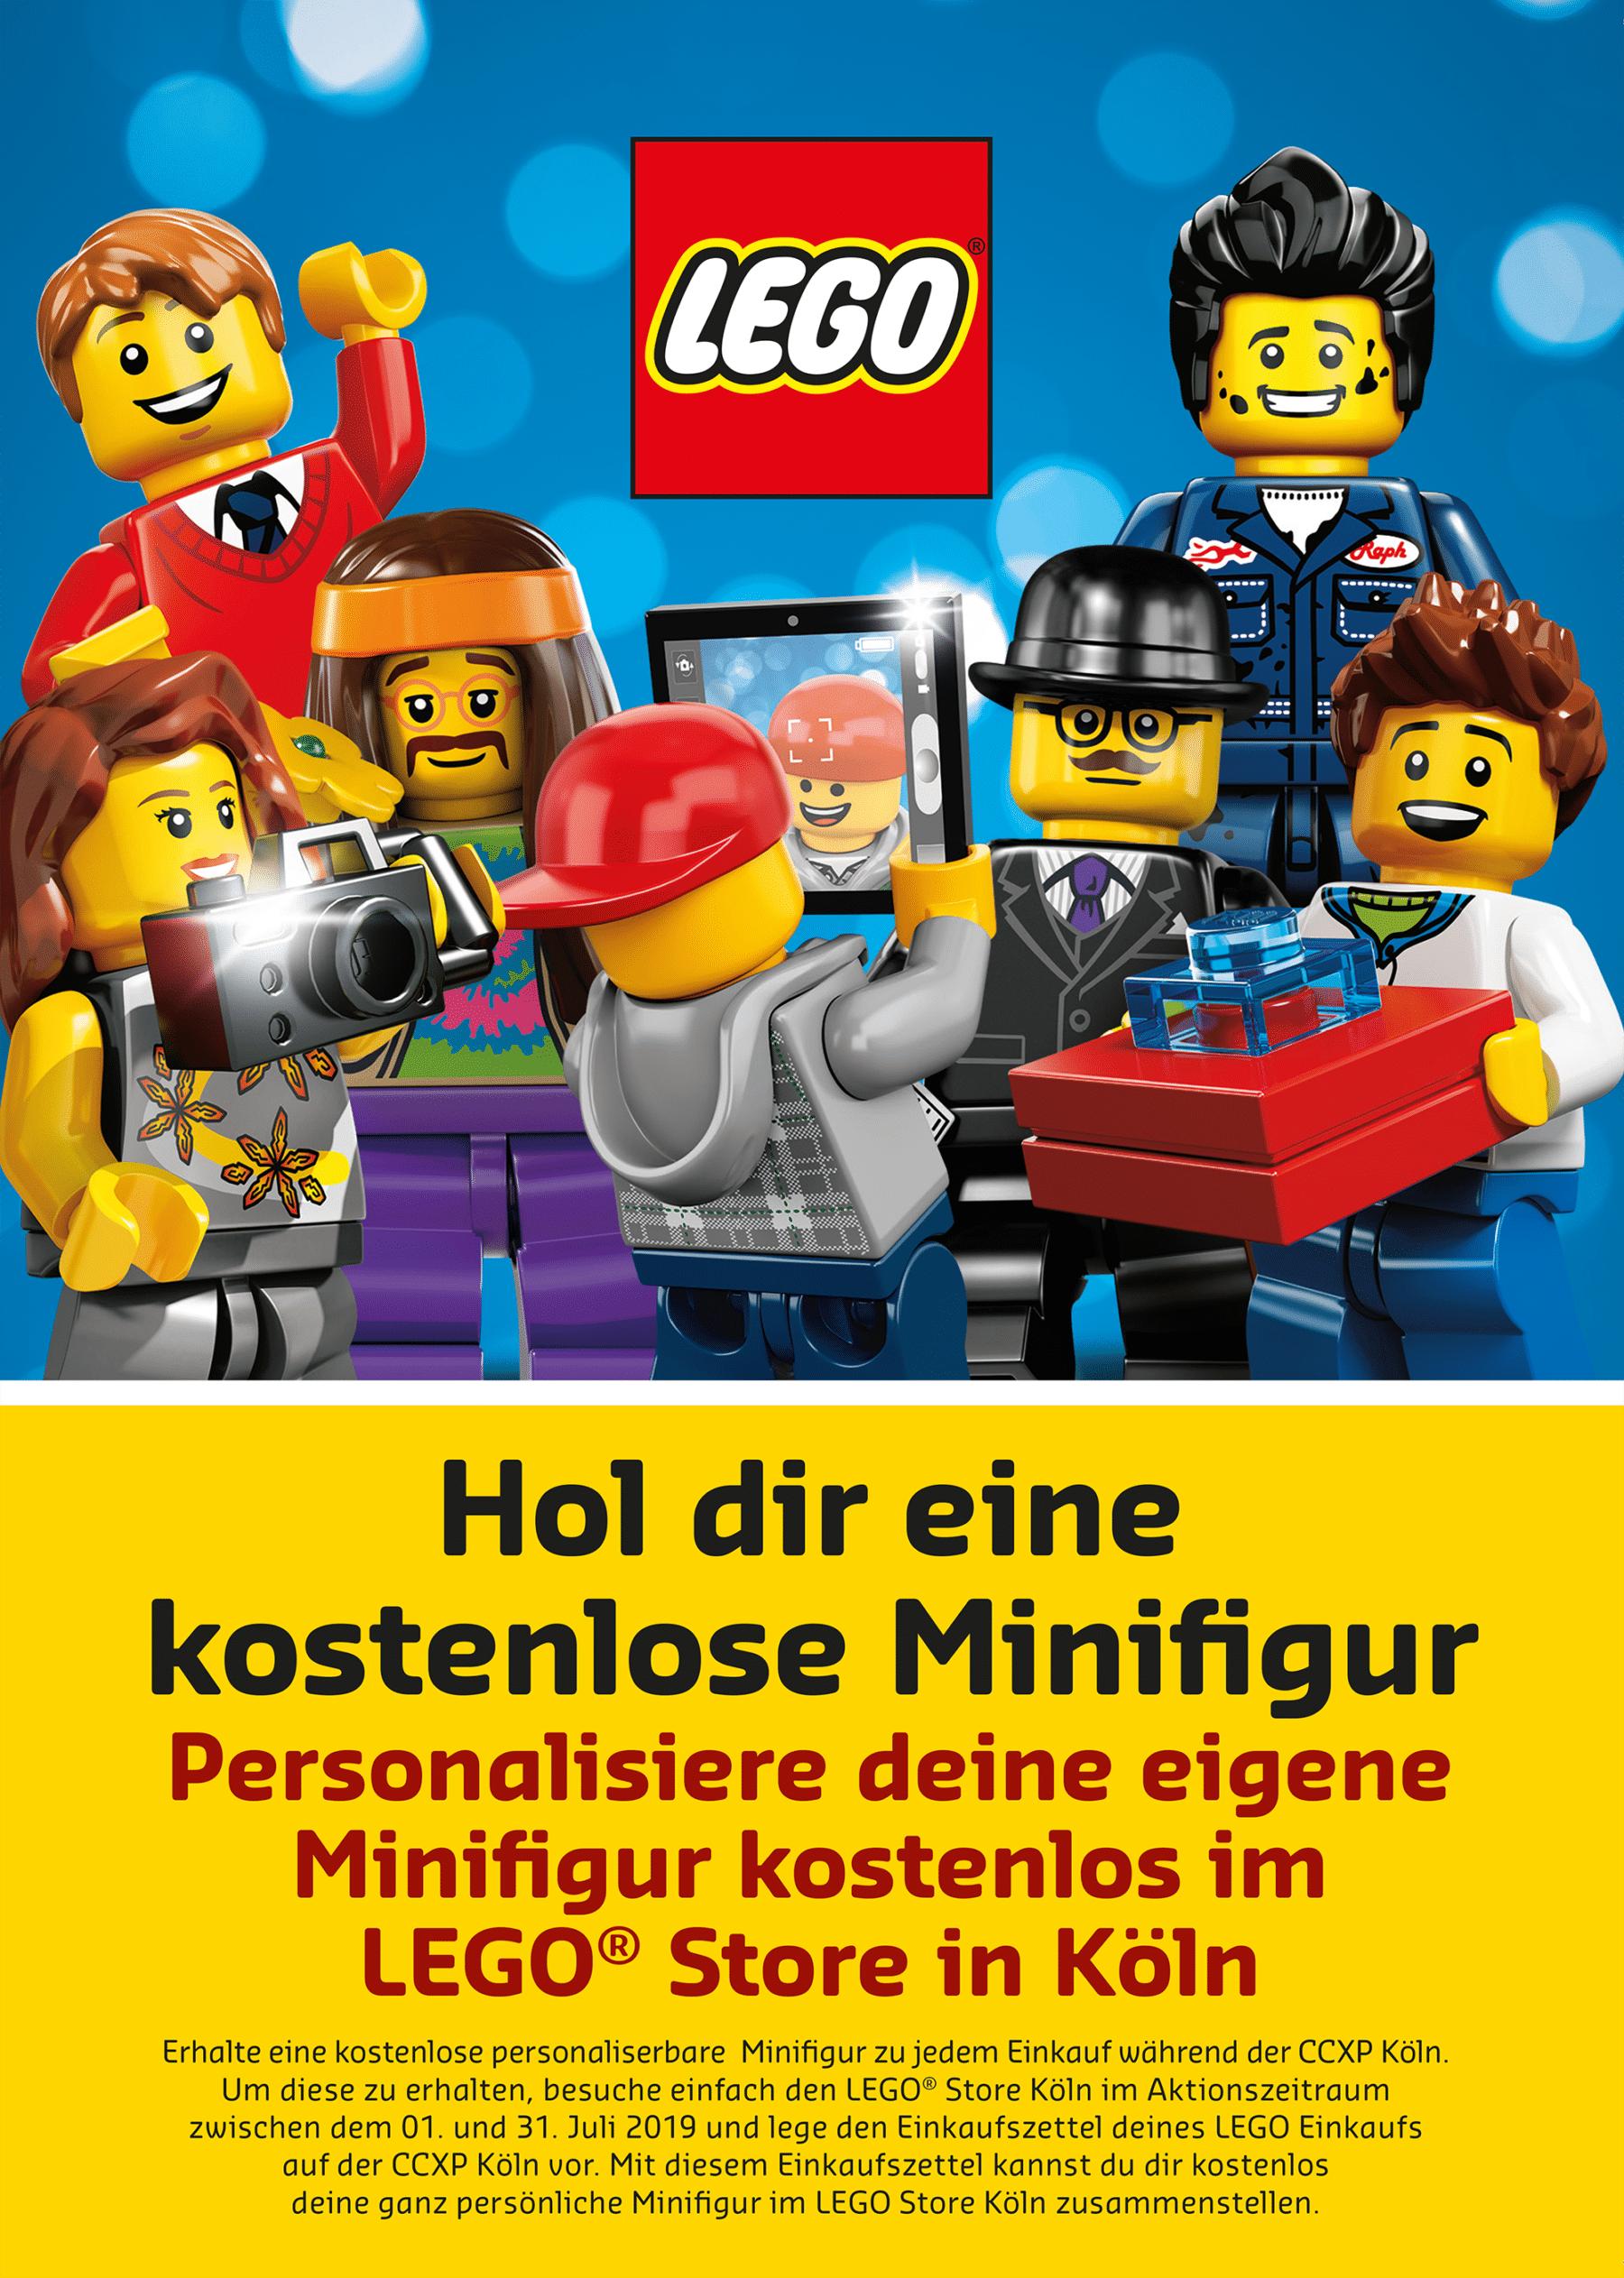 LEGO auf der CCXP in Köln: Gutschein für kostenlose Minifigur